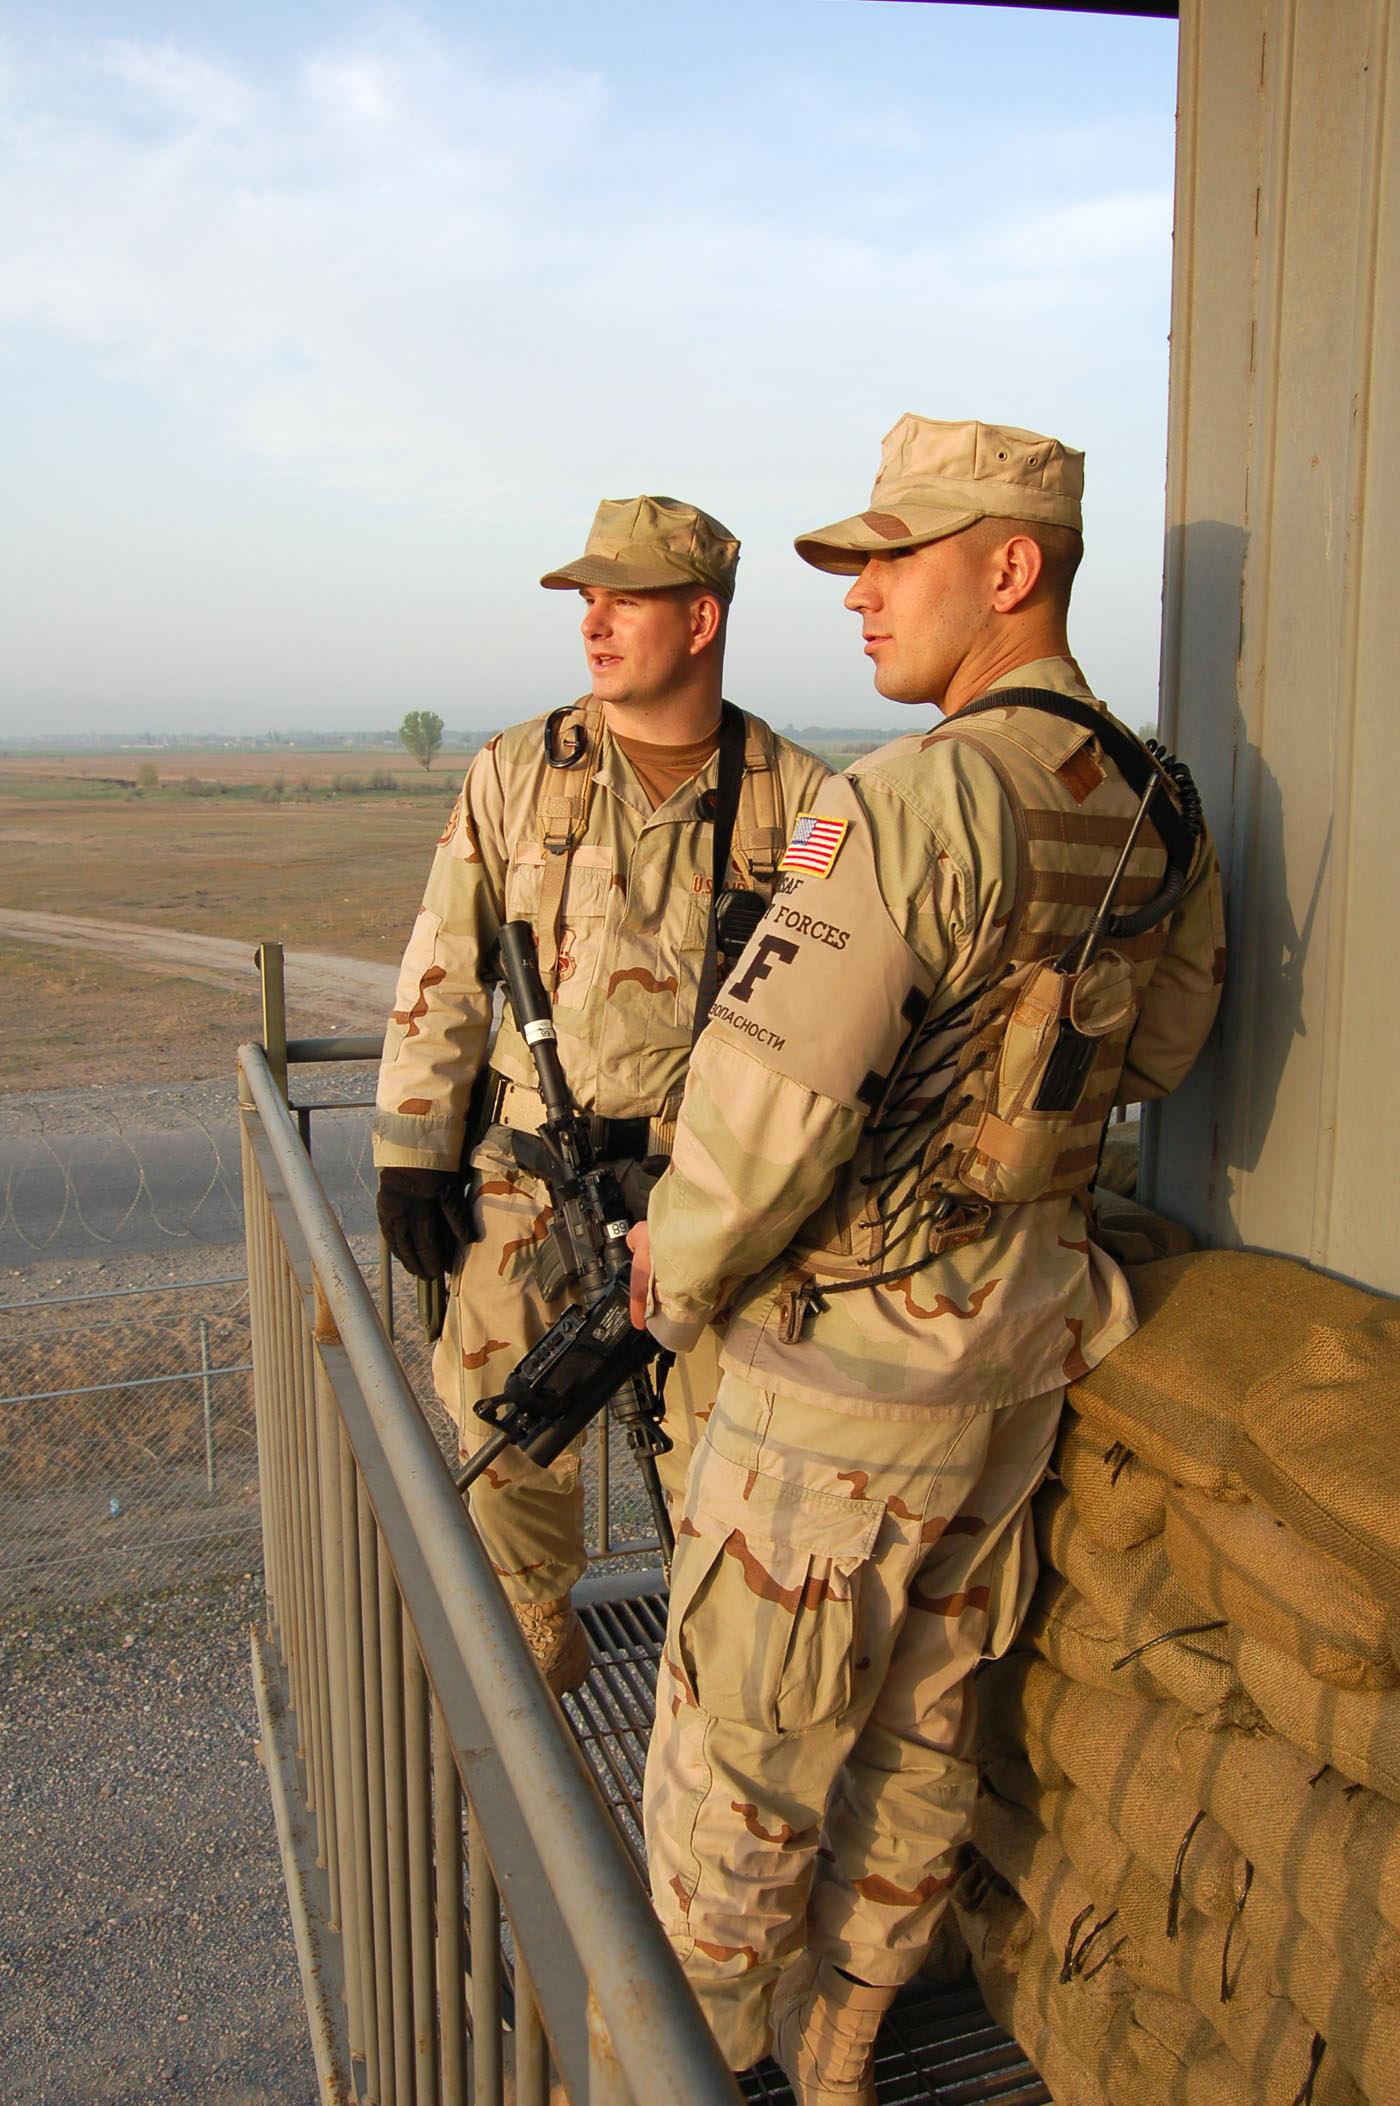 File:USAF Security Forces 2006-04-19 F-2980D-004 jpg